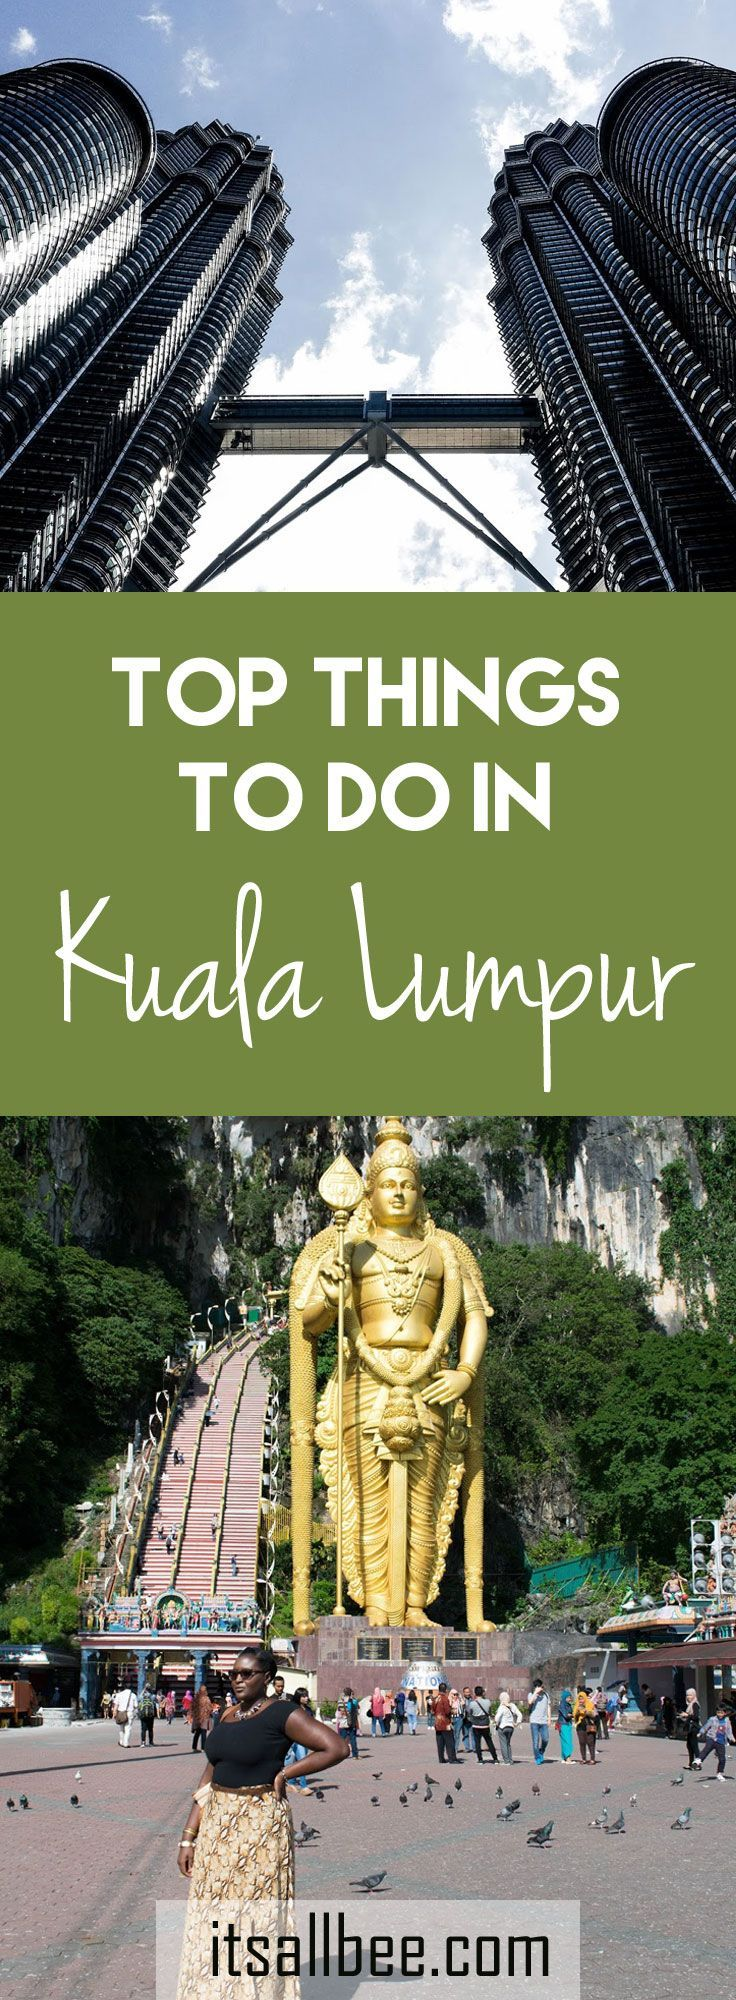 kuala lumpur tourist guide association